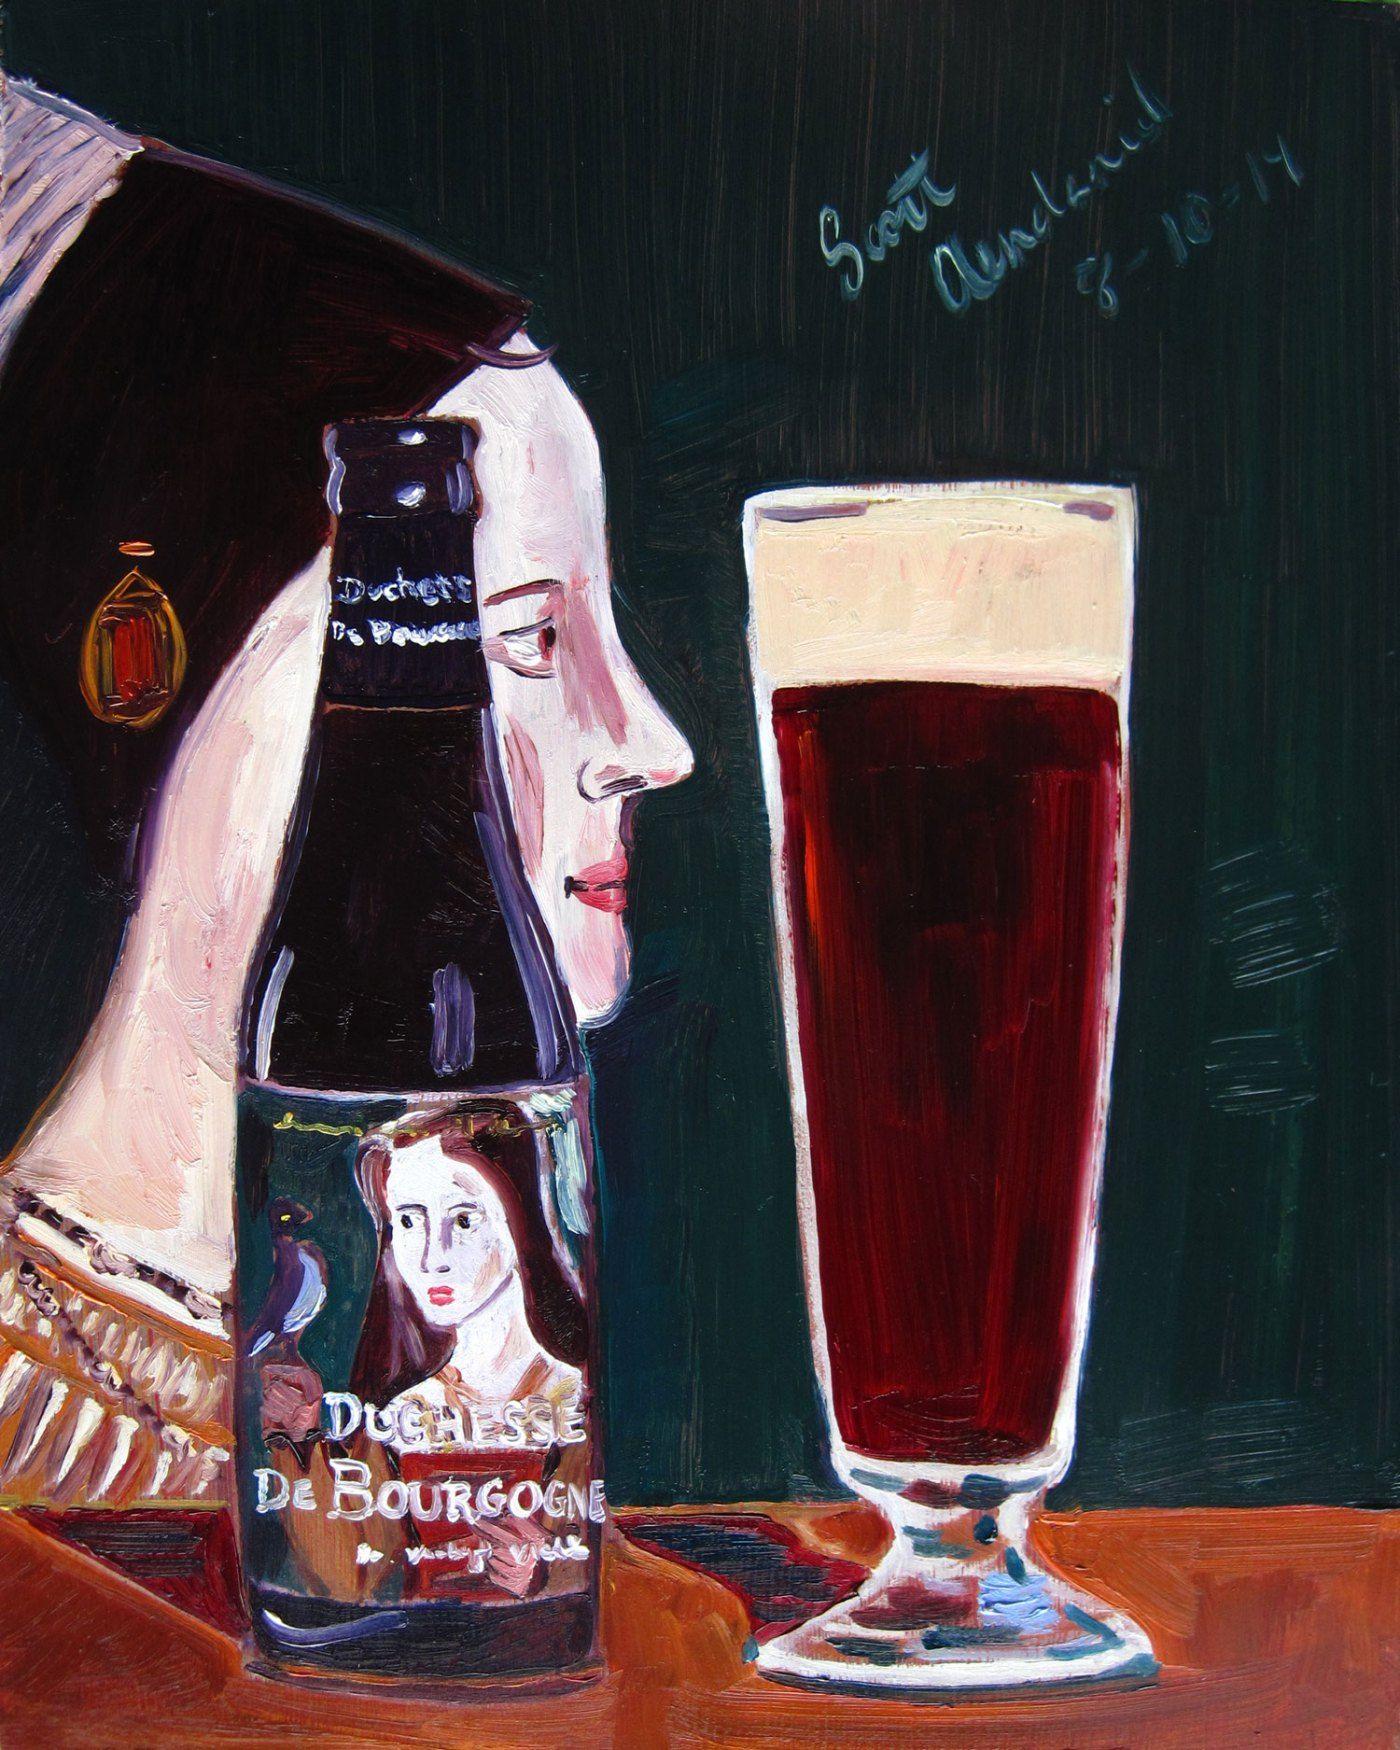 Beer Painting of Duchesse de Bourgogne by Brouwerij Verhaeghe. Year of Beer Paintings - Day 222.